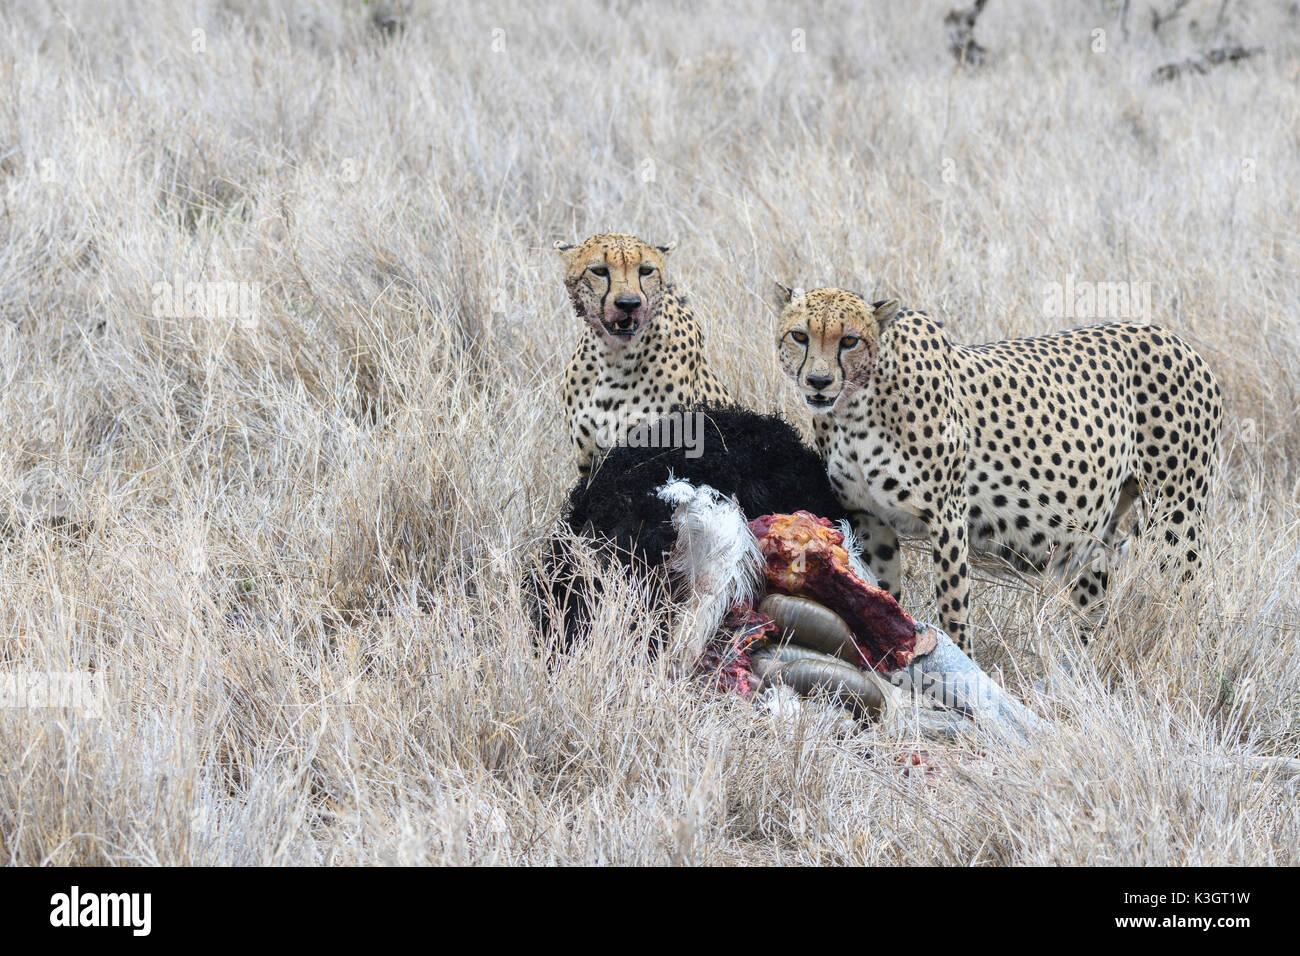 Cheetahs hunting ostrich